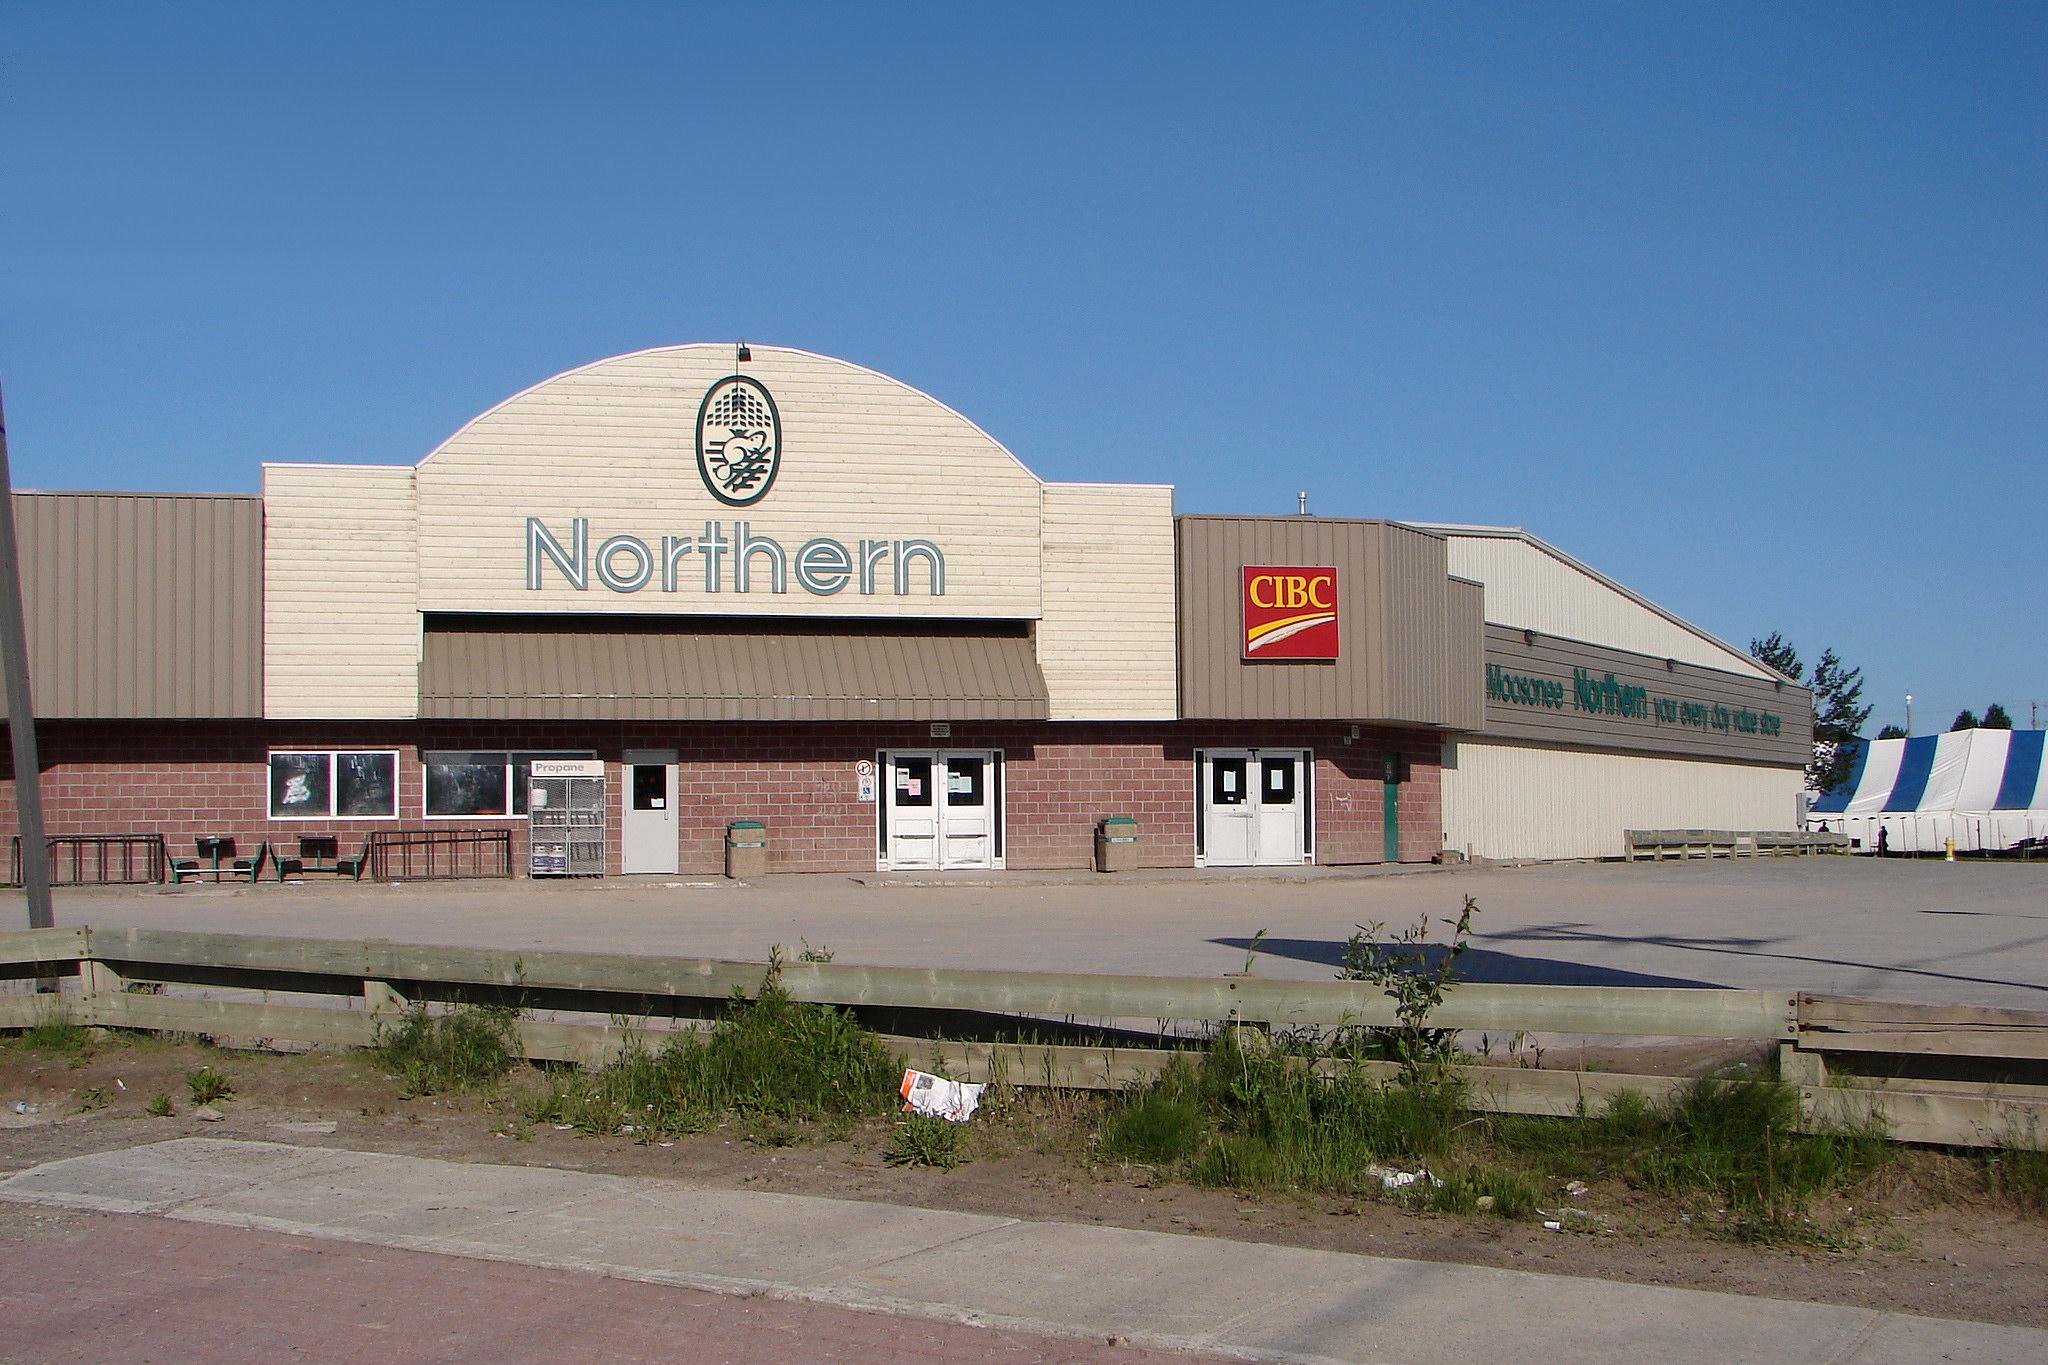 File:Moosonee Northern store.JPG